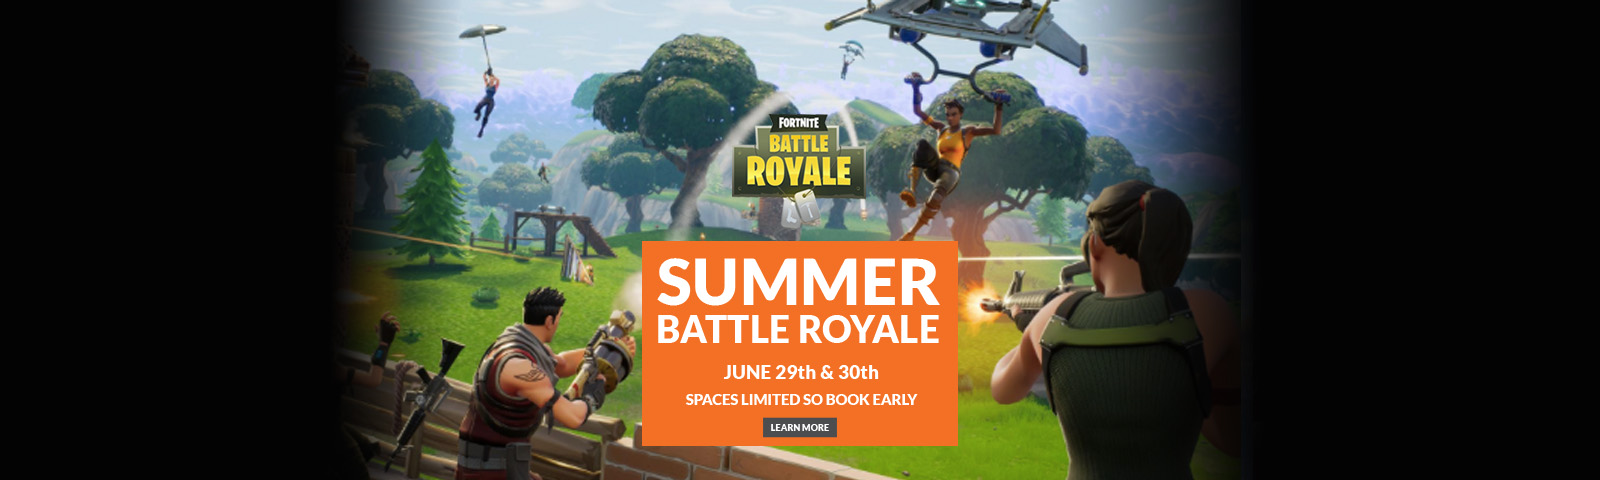 2-final-SUMMER-2019-Battle-Royale_slider